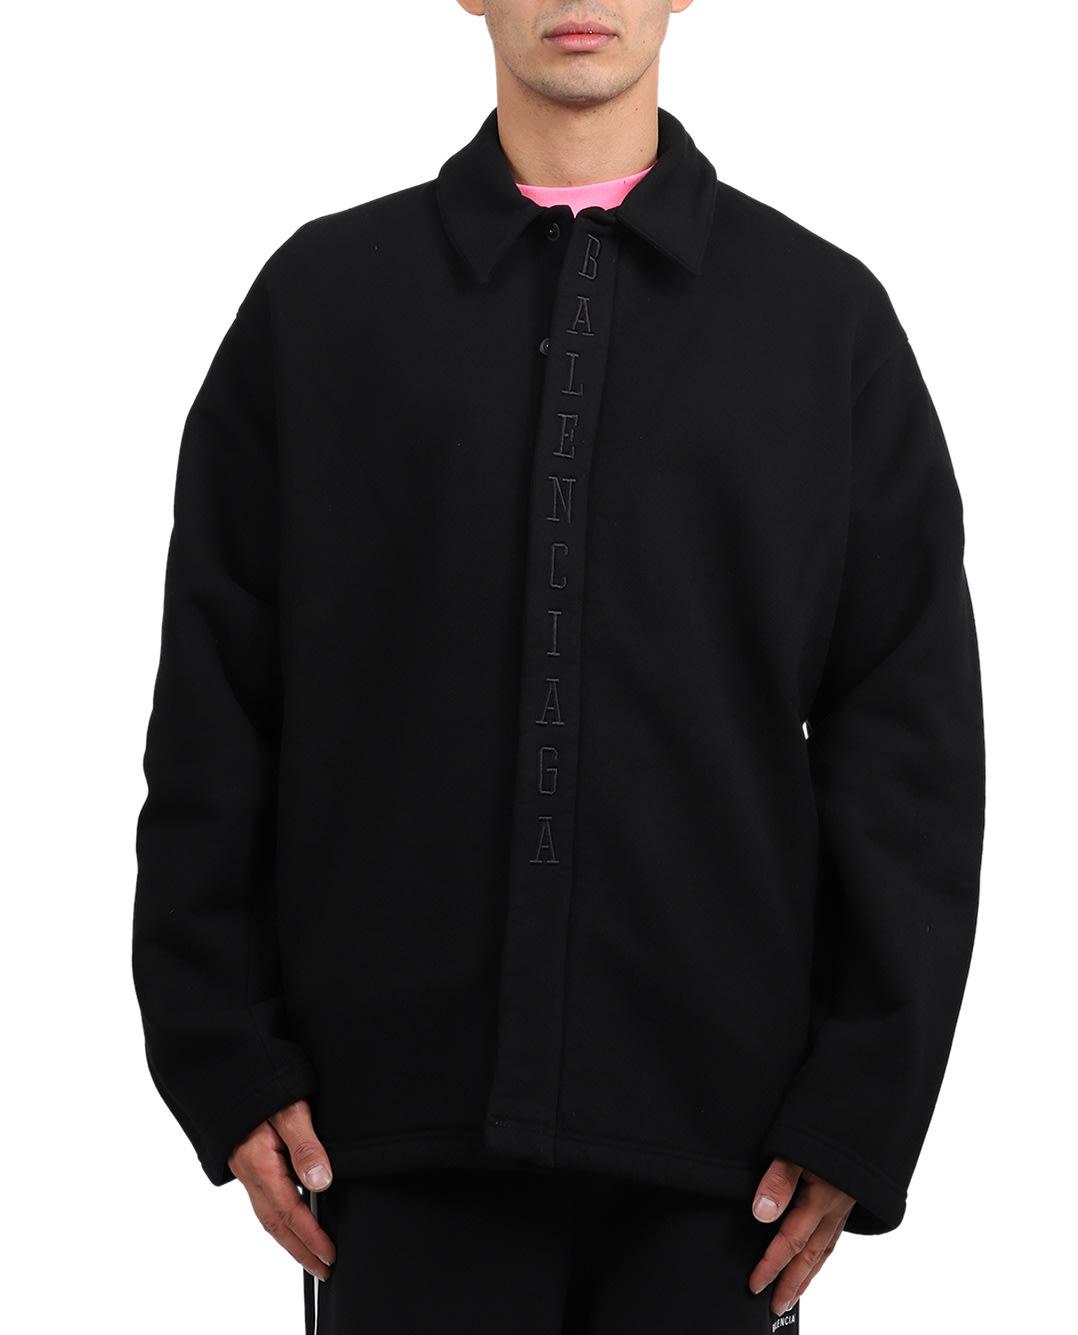 BALENCIAGA BLACK BASKETBALL COCOON SHIRT